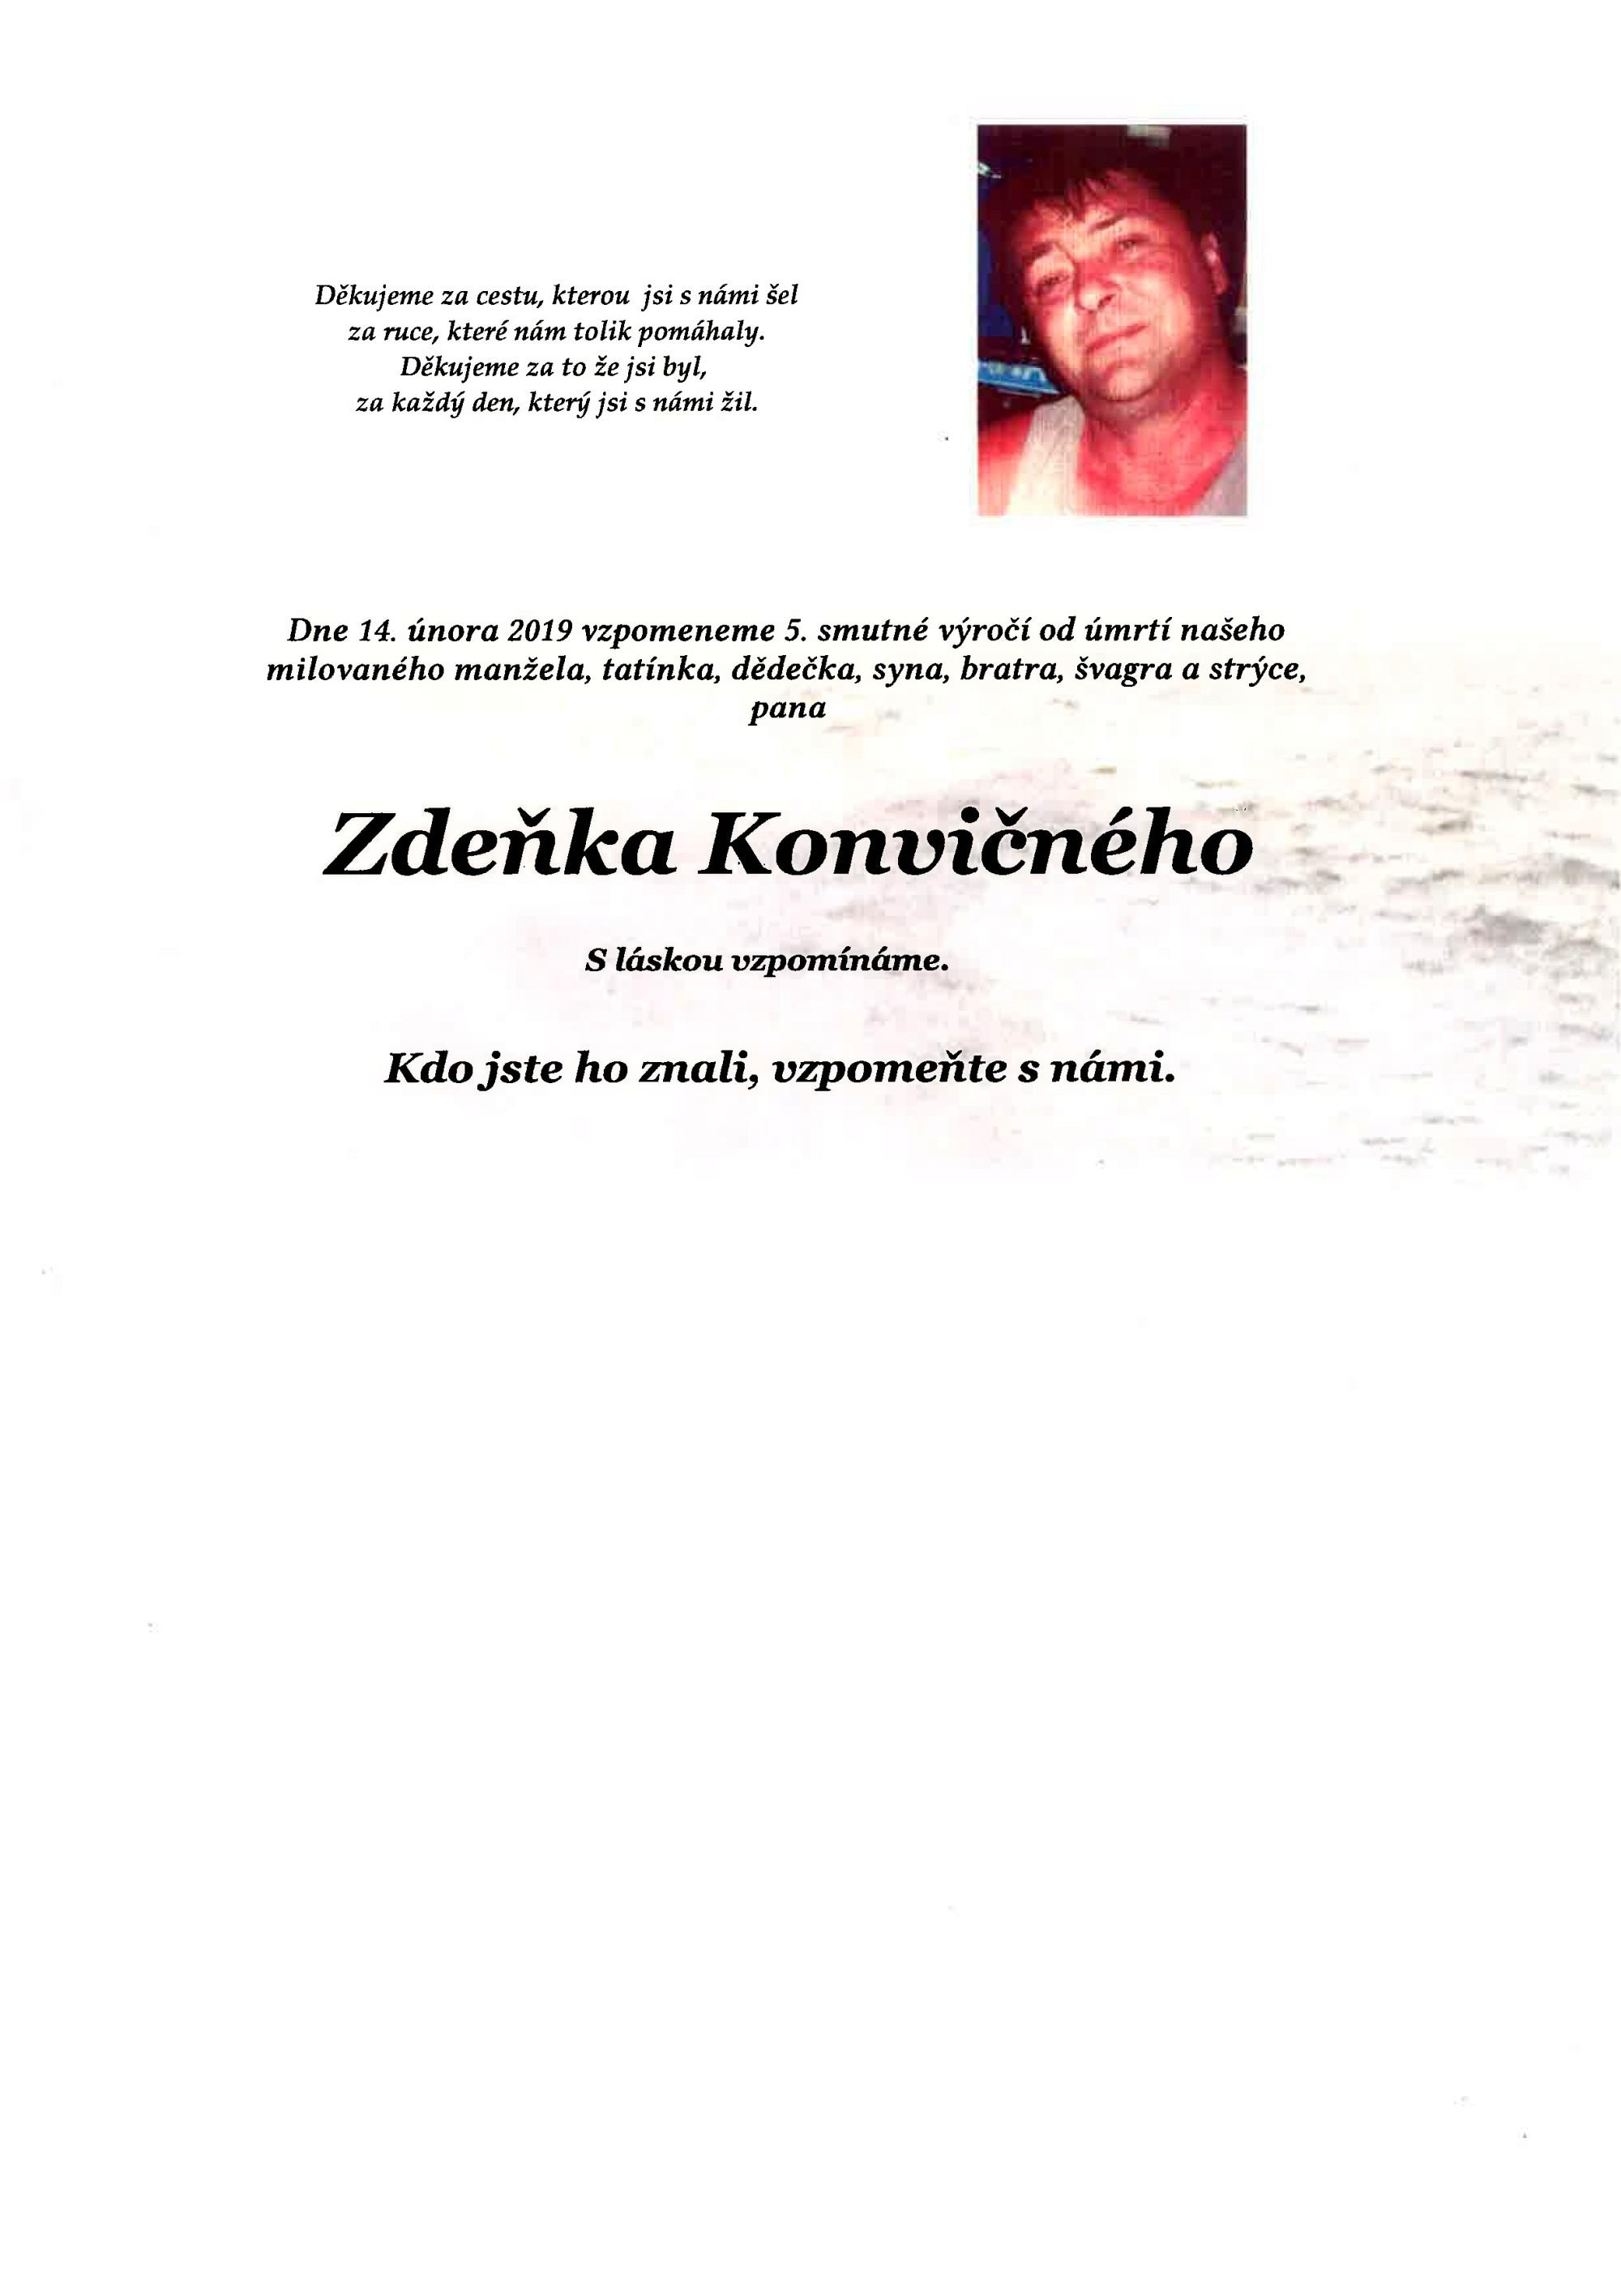 Zdeněk Konvičný